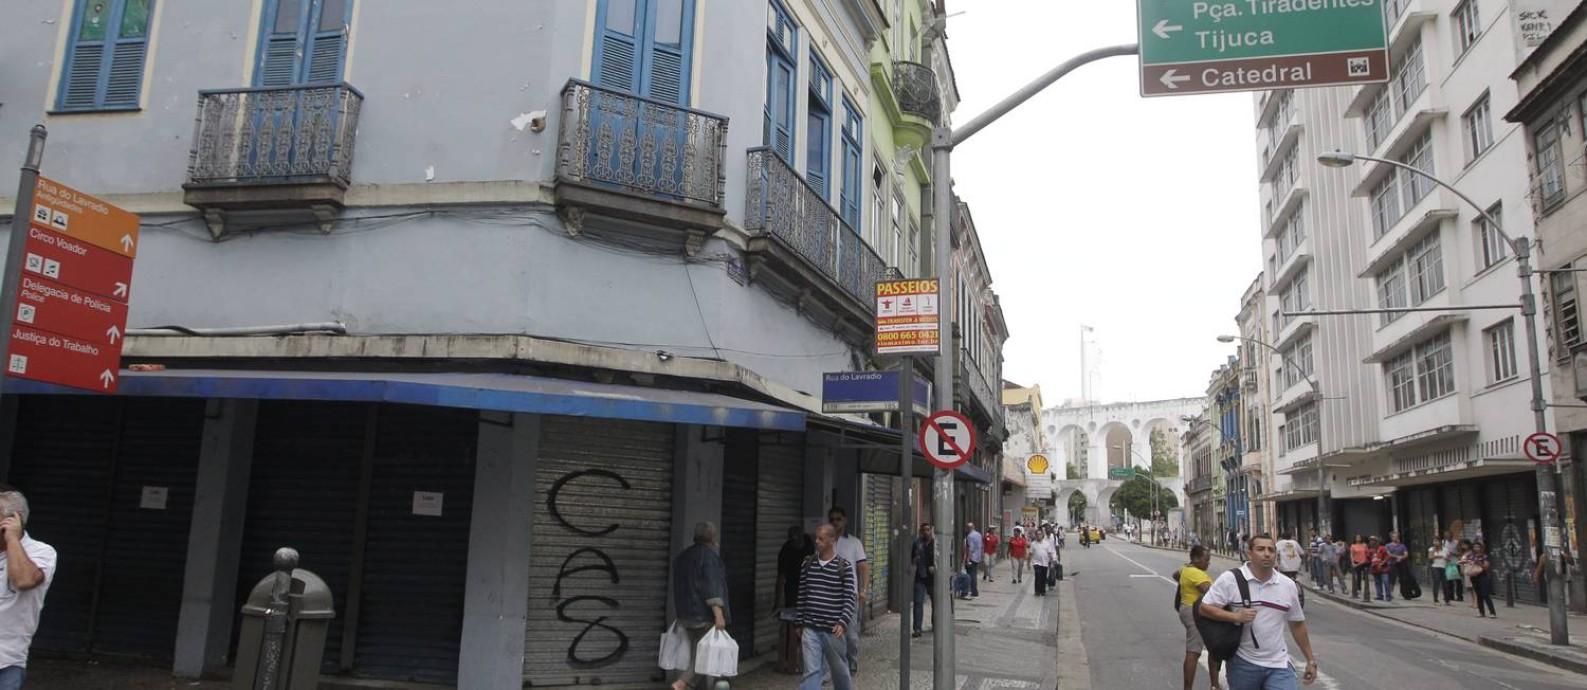 Trecho a Rua dos Inválidos e a Rua do Lavradio, na região central do Rio (Arquivo) Foto: Agência O Globo